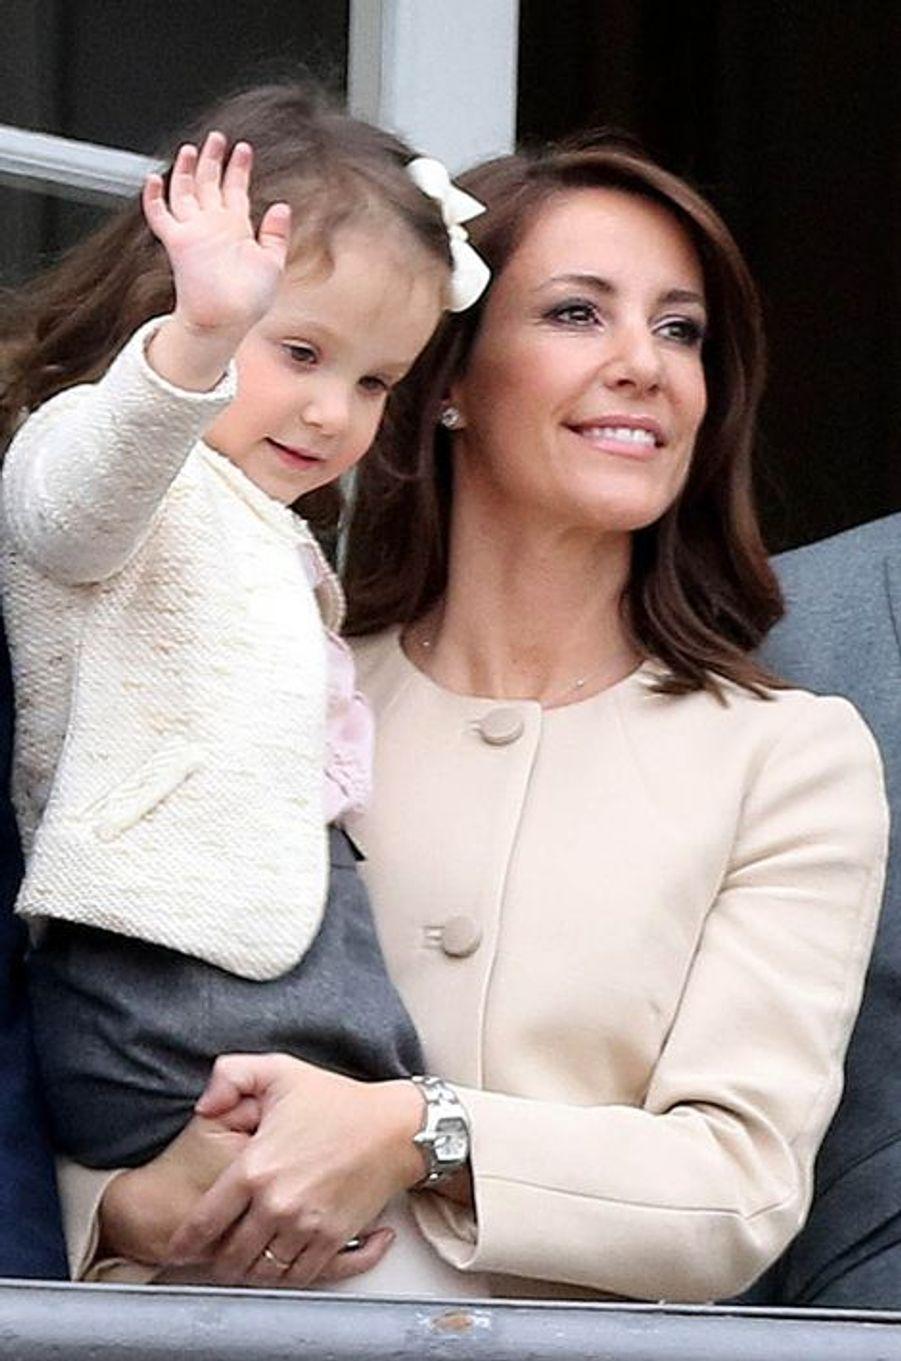 Les princesses Marie et Athena de Danemark à Copenhague, le 16 avril 2016